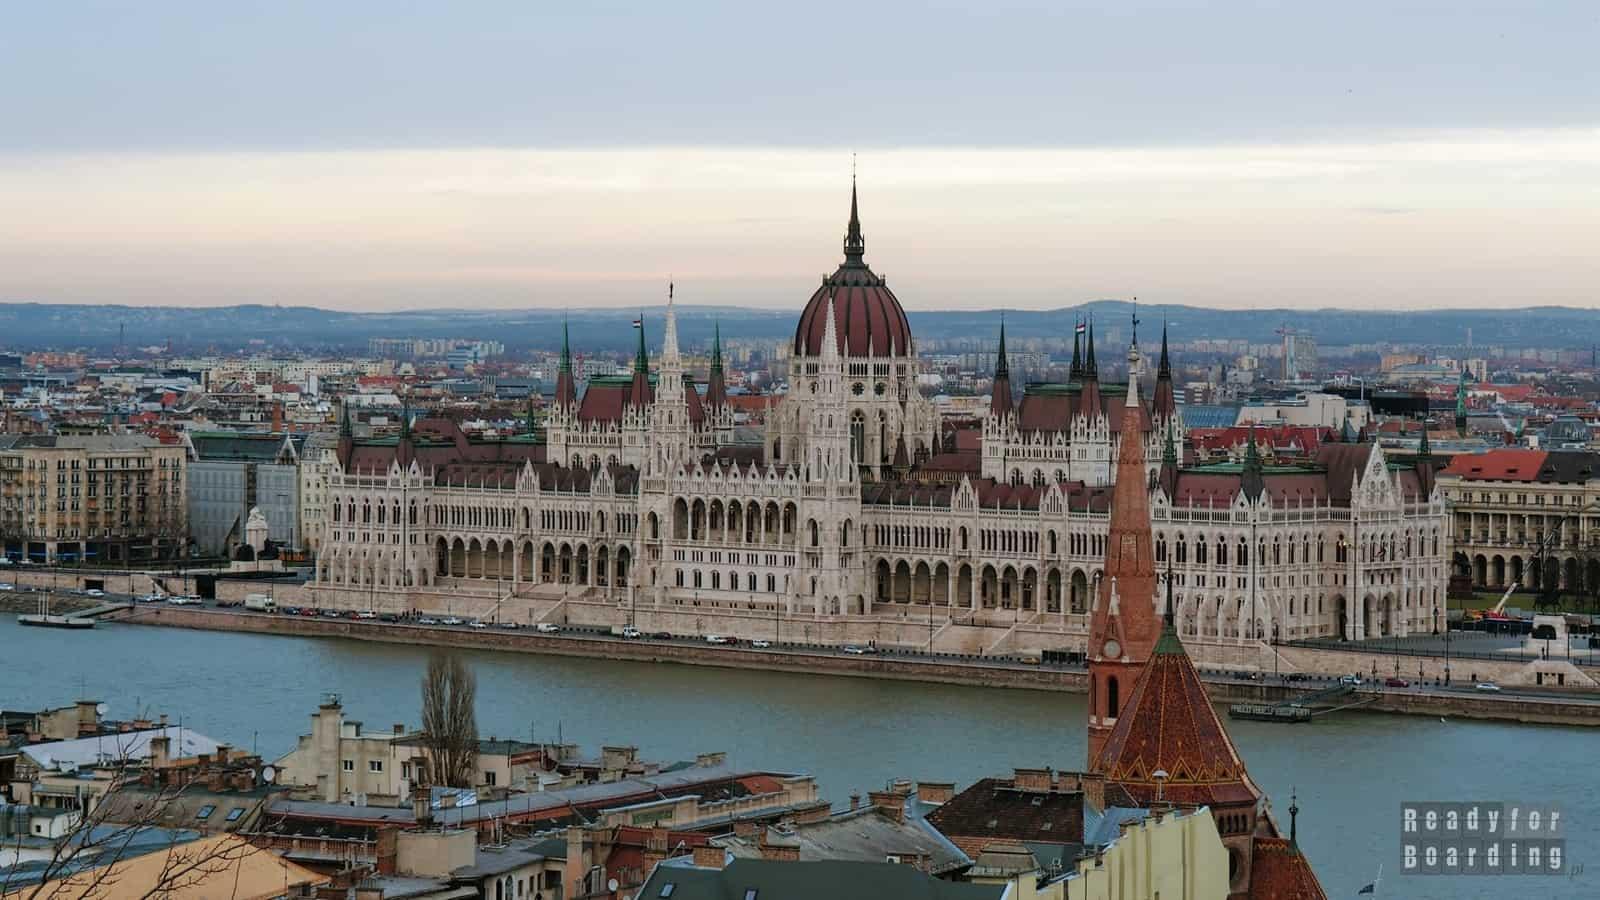 Budynek Parlamentu, Budapeszt - Węgry